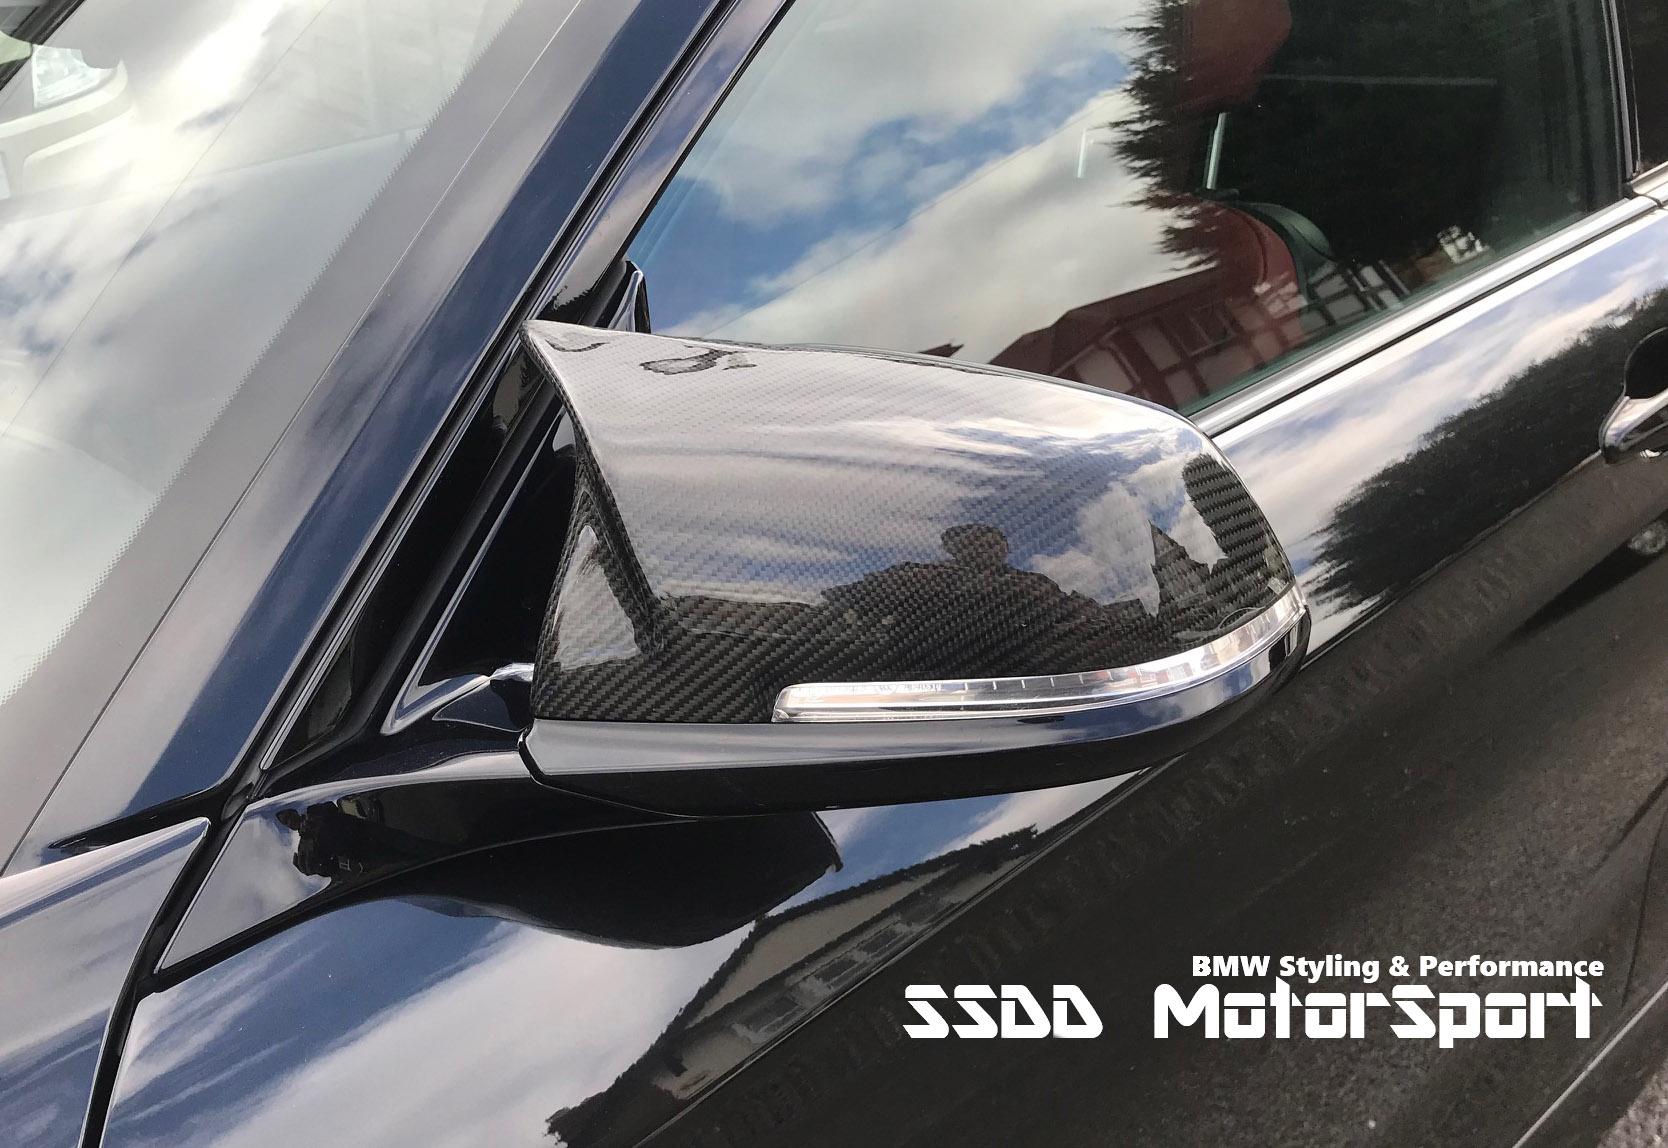 bmw-m-look-mirror-covers-f20-f21-f30-f32-f33-f36-5.jpg